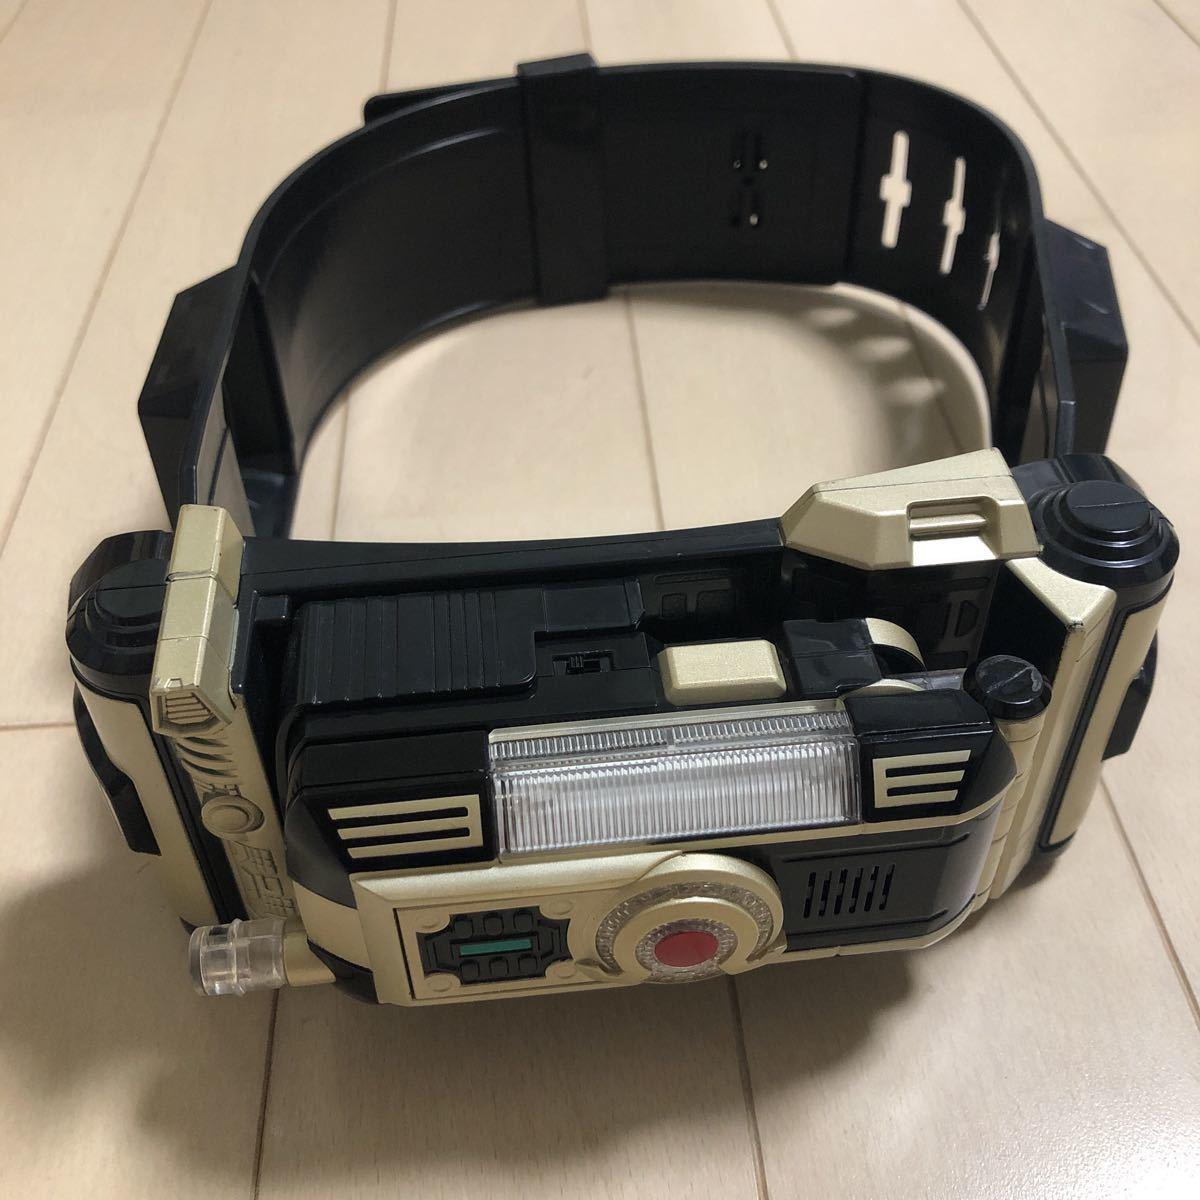 仮面ライダーファイズ 変身ベルト DXオーガドライバー トイザらス限定 555 バンダイ_画像1